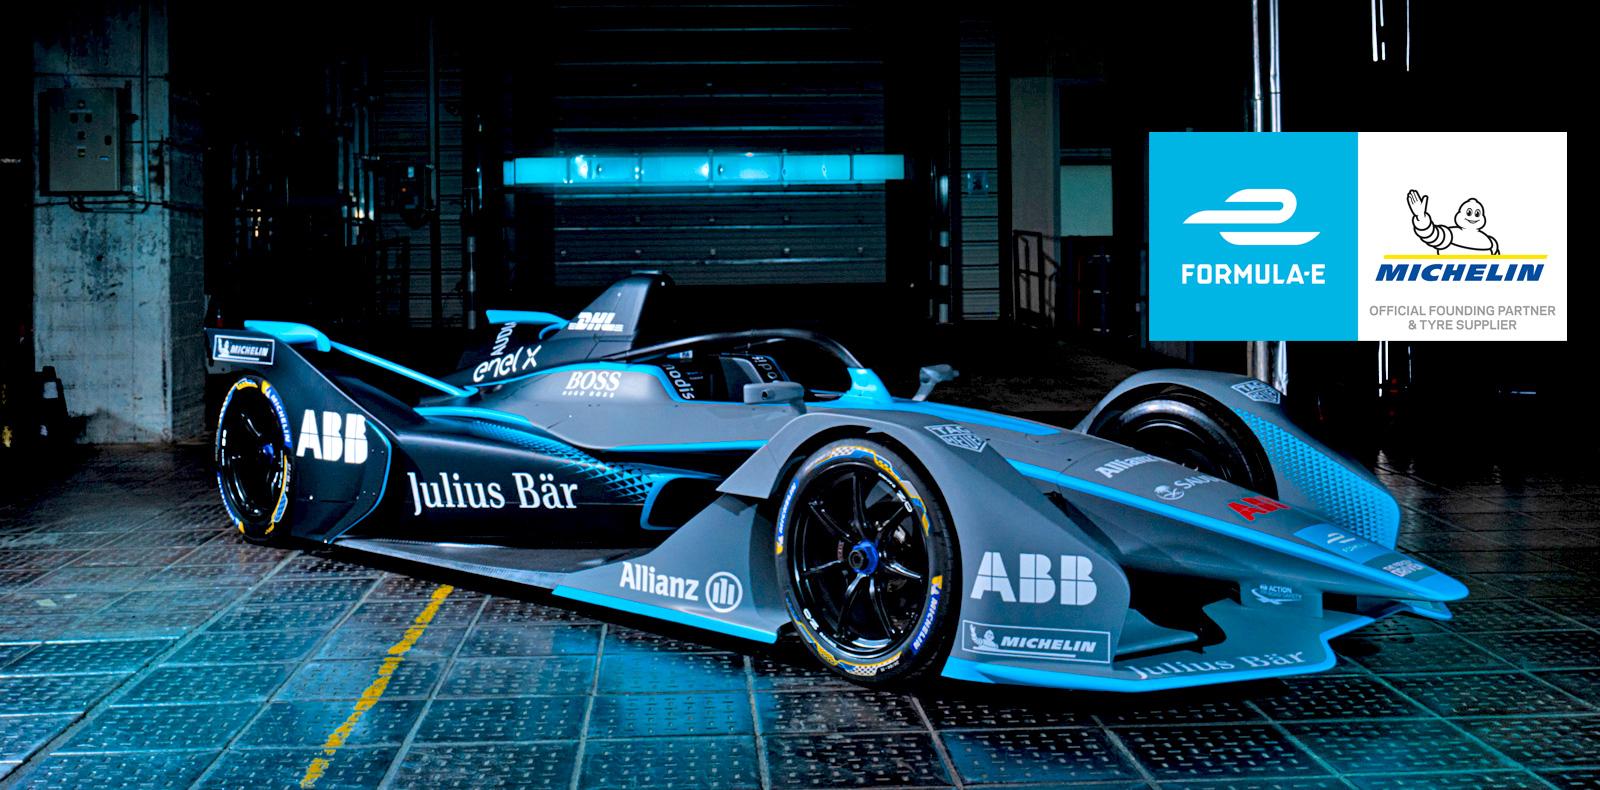 Formula E Yarışları Michelin Sponsorluğunda Başlıyor 1